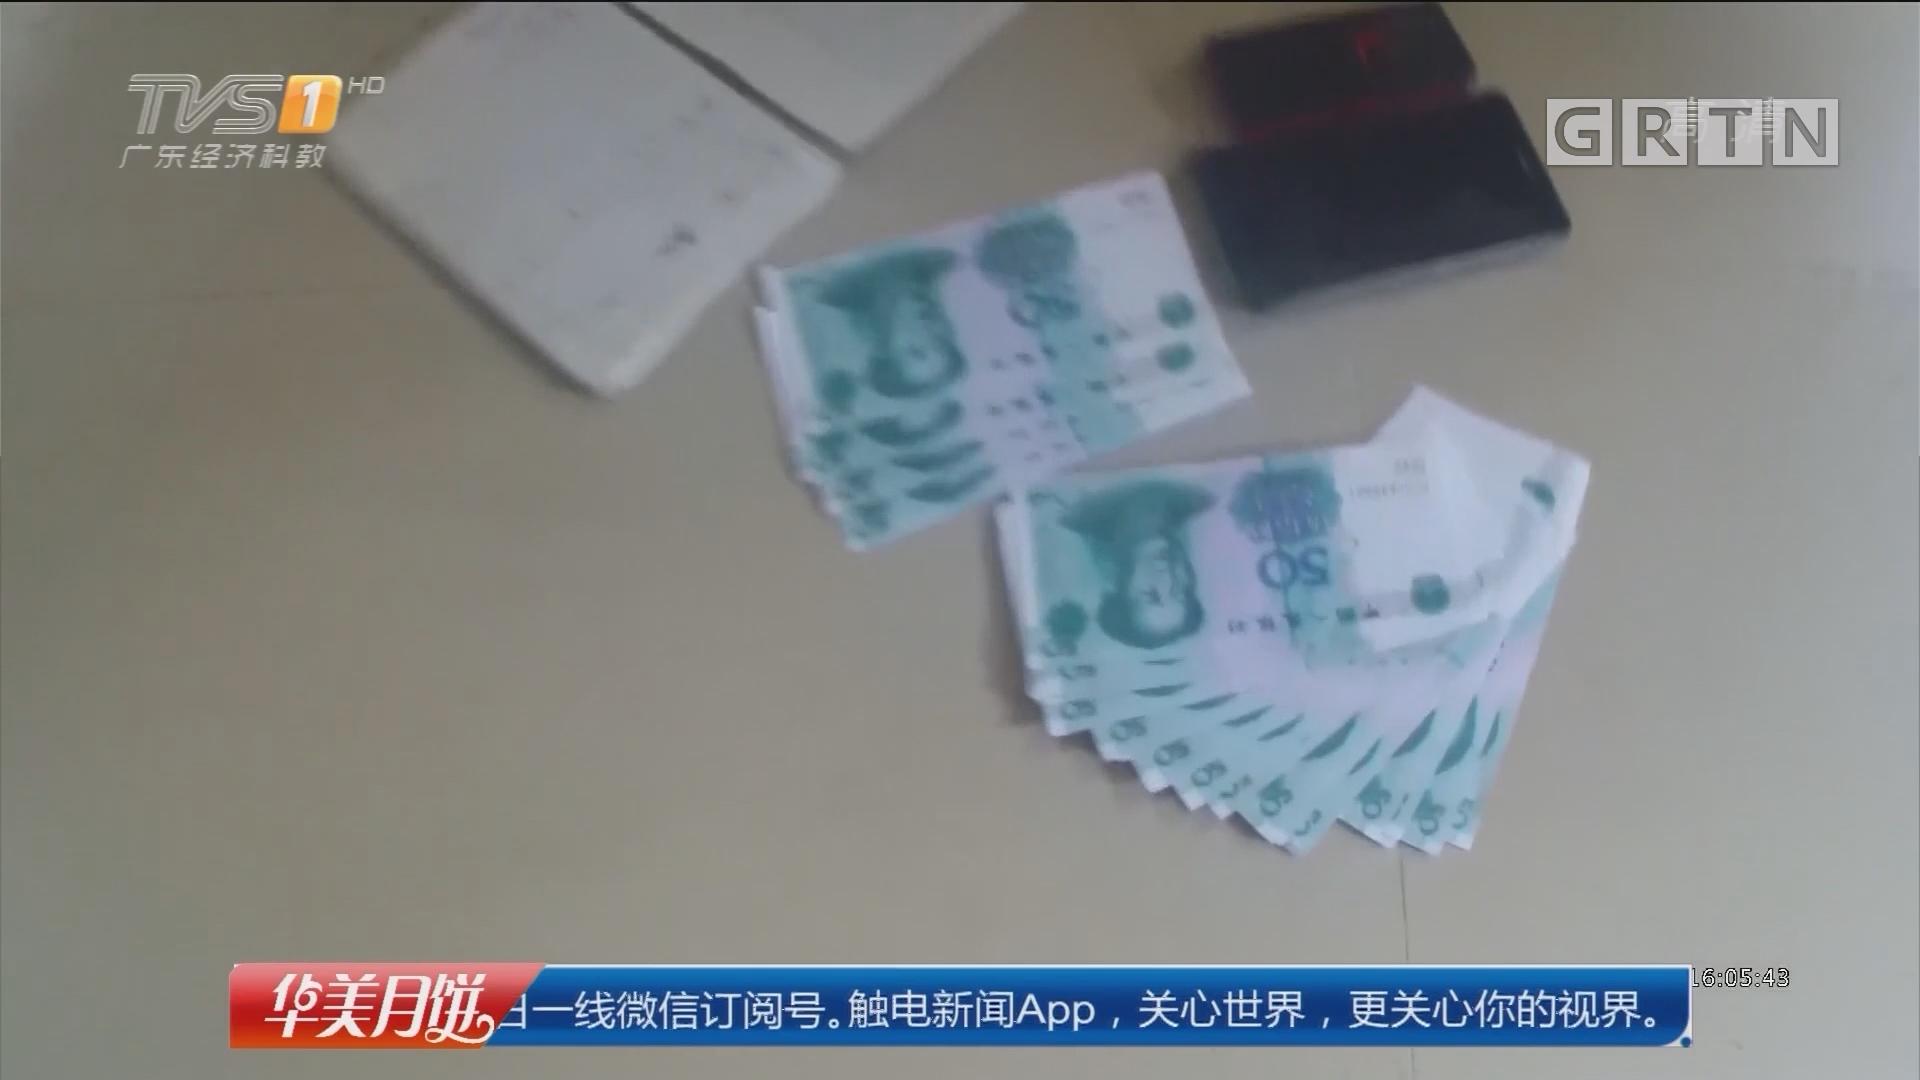 飓风2017湛江重拳打击金融犯罪:顺藤摸瓜 警方成功侦破两宗假币案